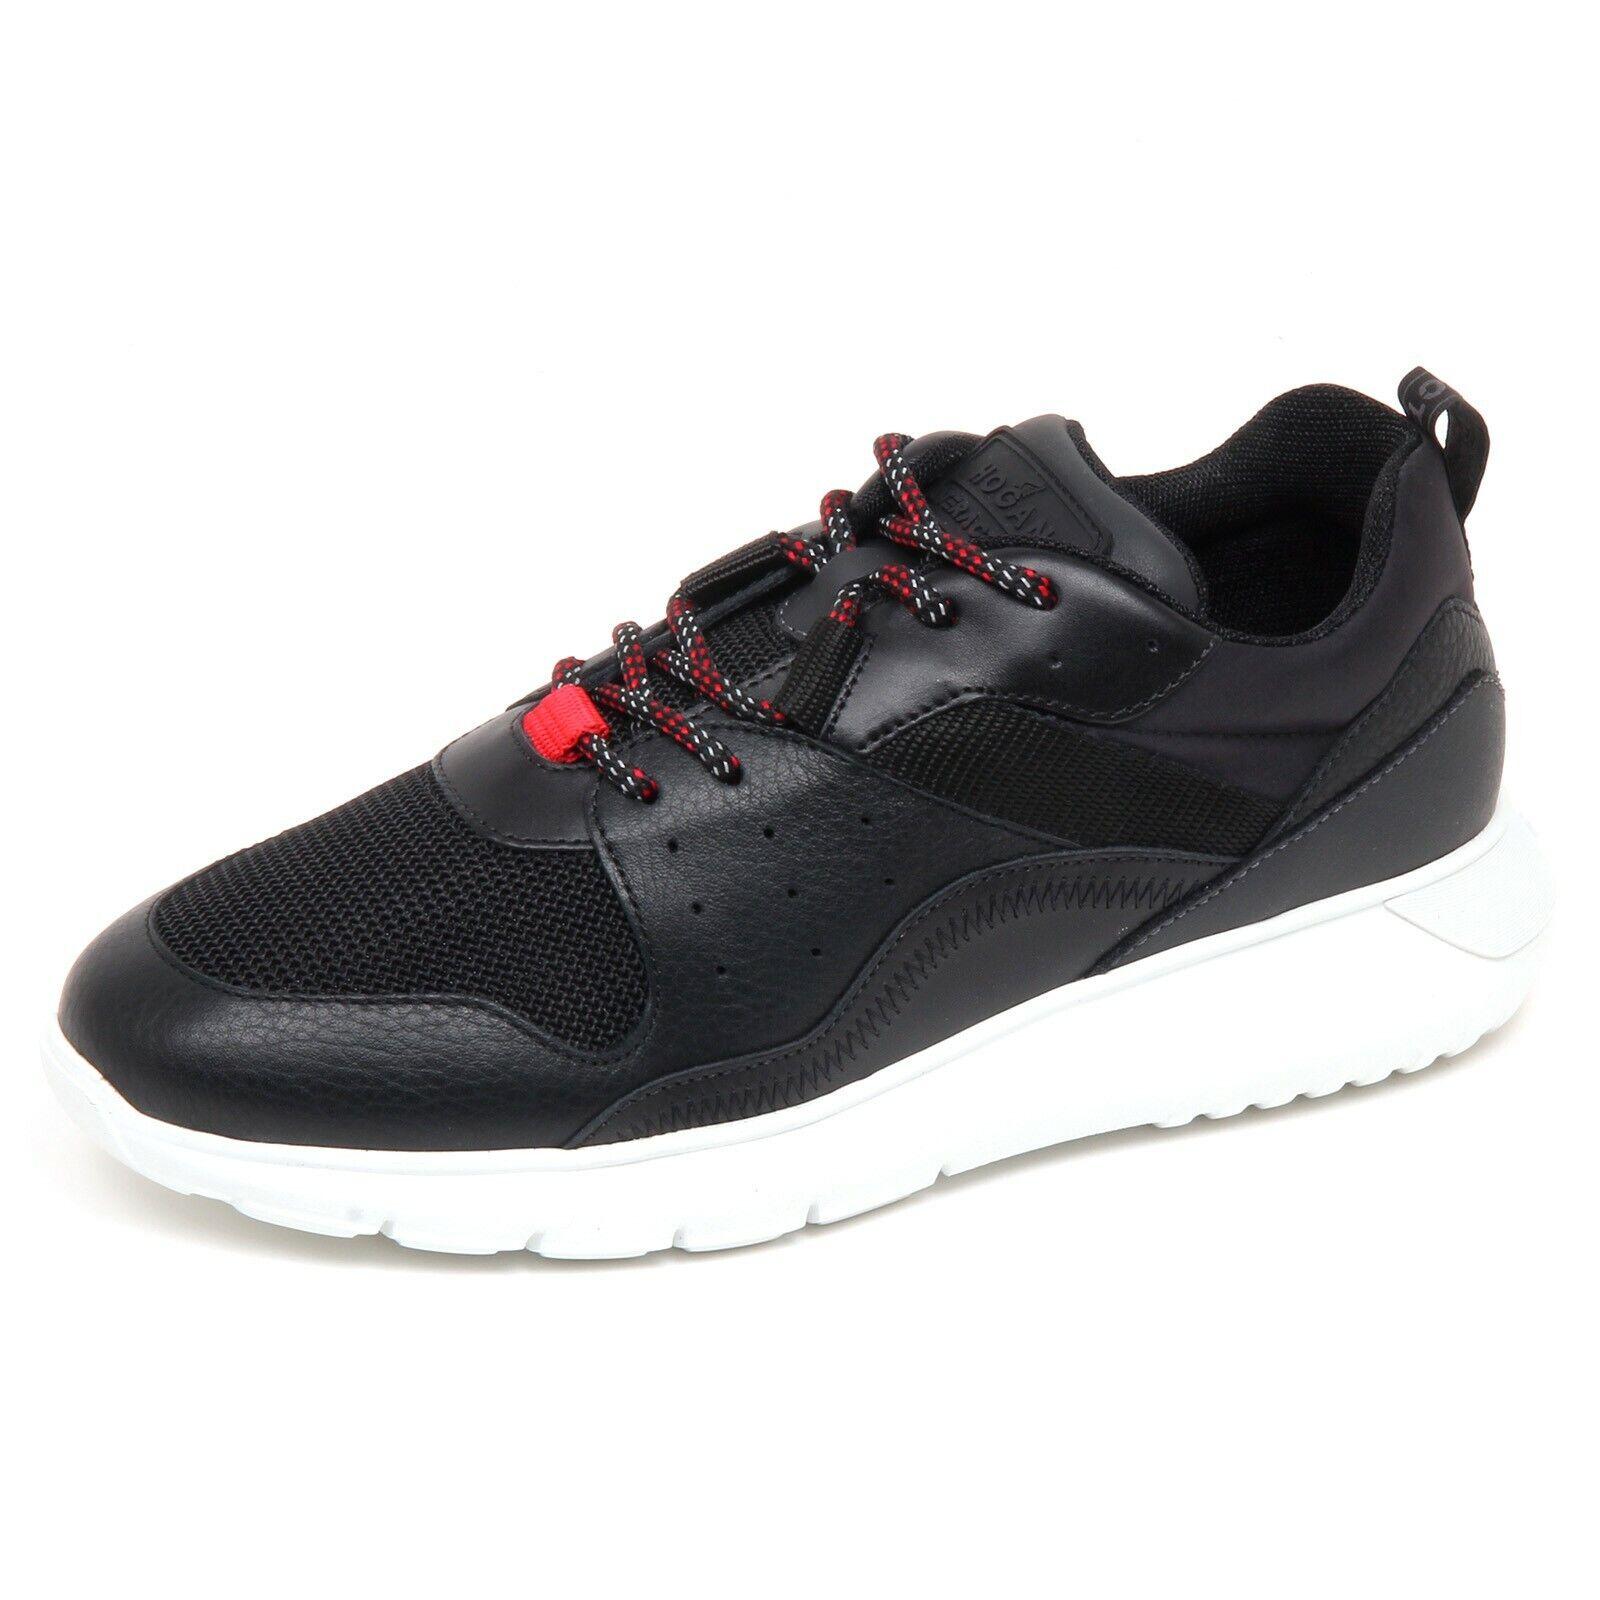 F5610 scarpe da ginnastica uomo nero HOGAN INTERACTIVE 3 scarpe scarpe man | Aspetto estetico  | Uomini/Donne Scarpa